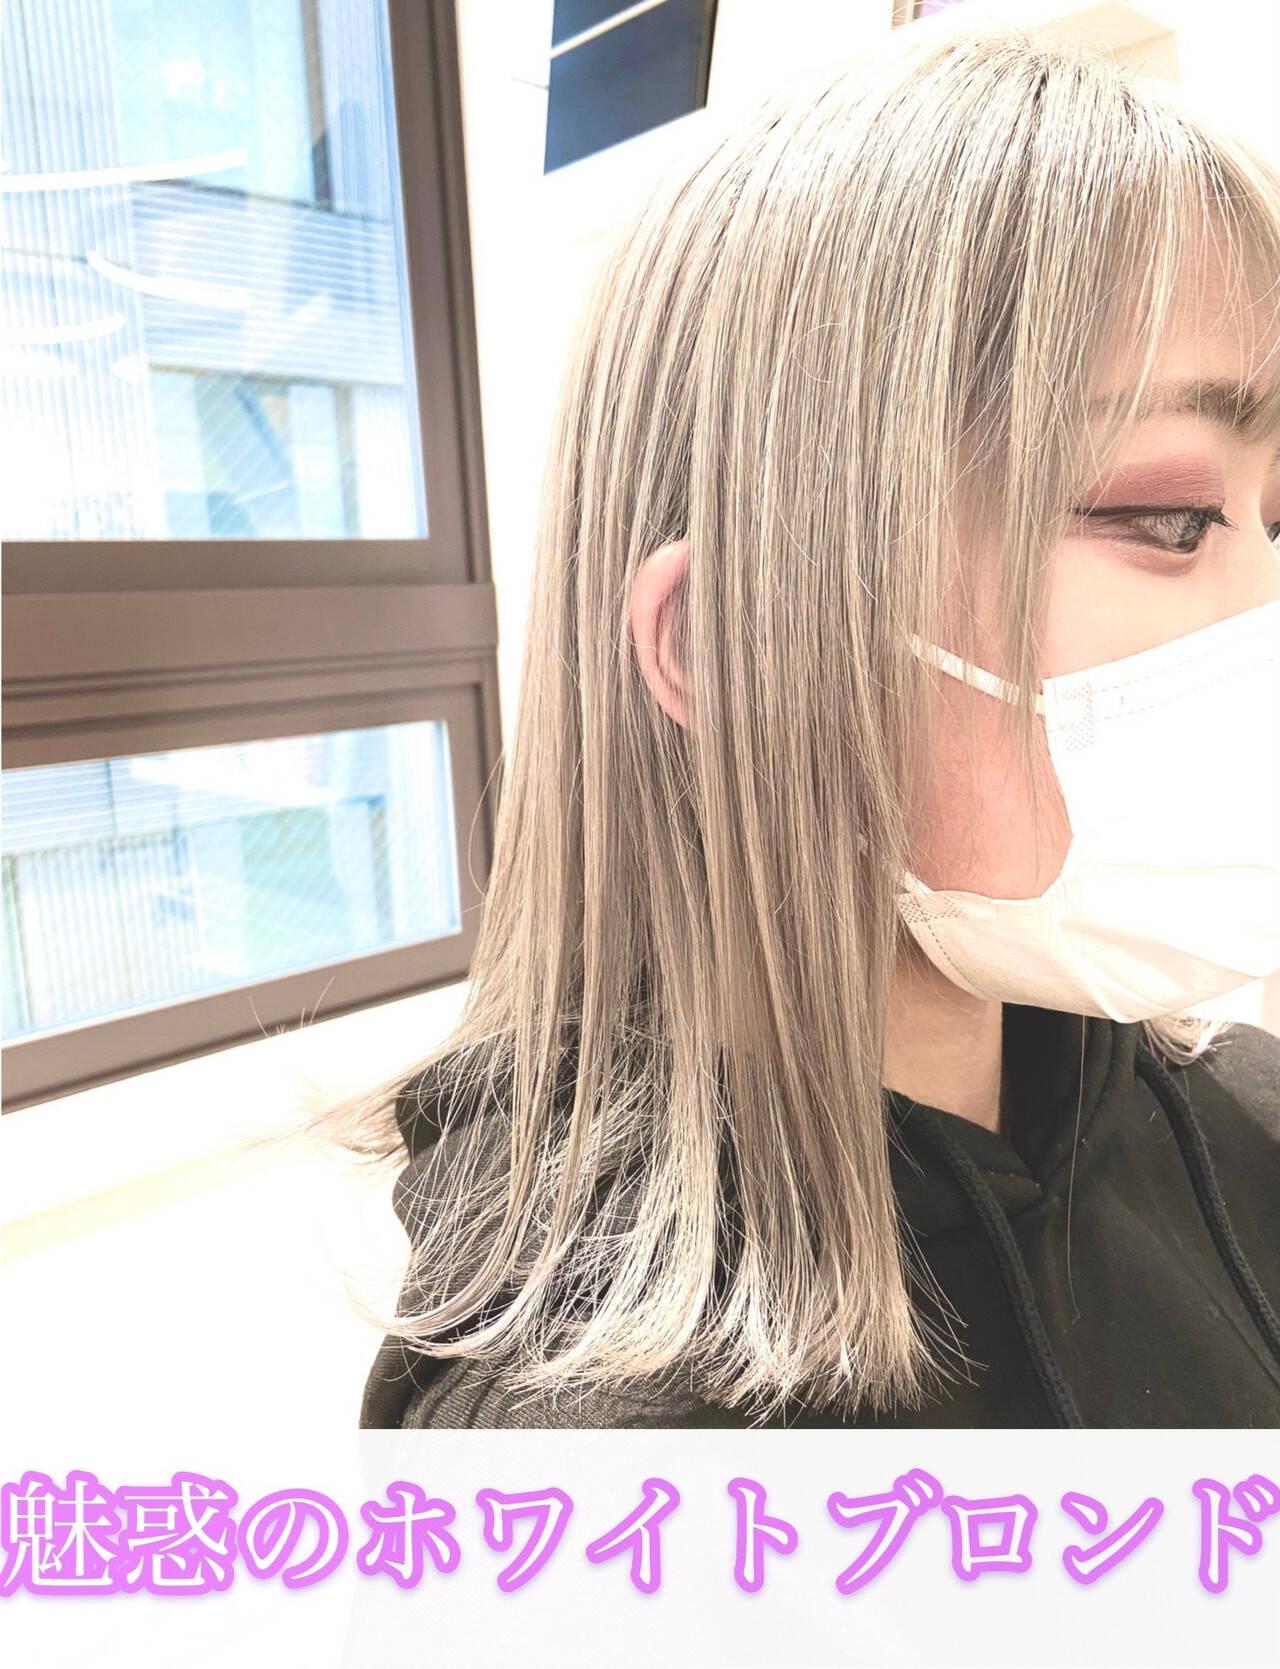 フェミニン ブロンドカラー ホワイトアッシュ プラチナブロンドヘアスタイルや髪型の写真・画像